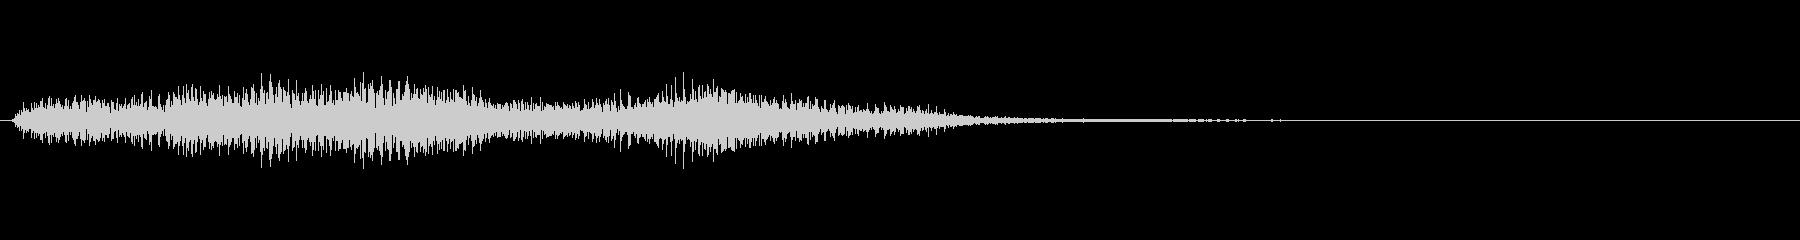 ショッキング(ホラー)4の未再生の波形